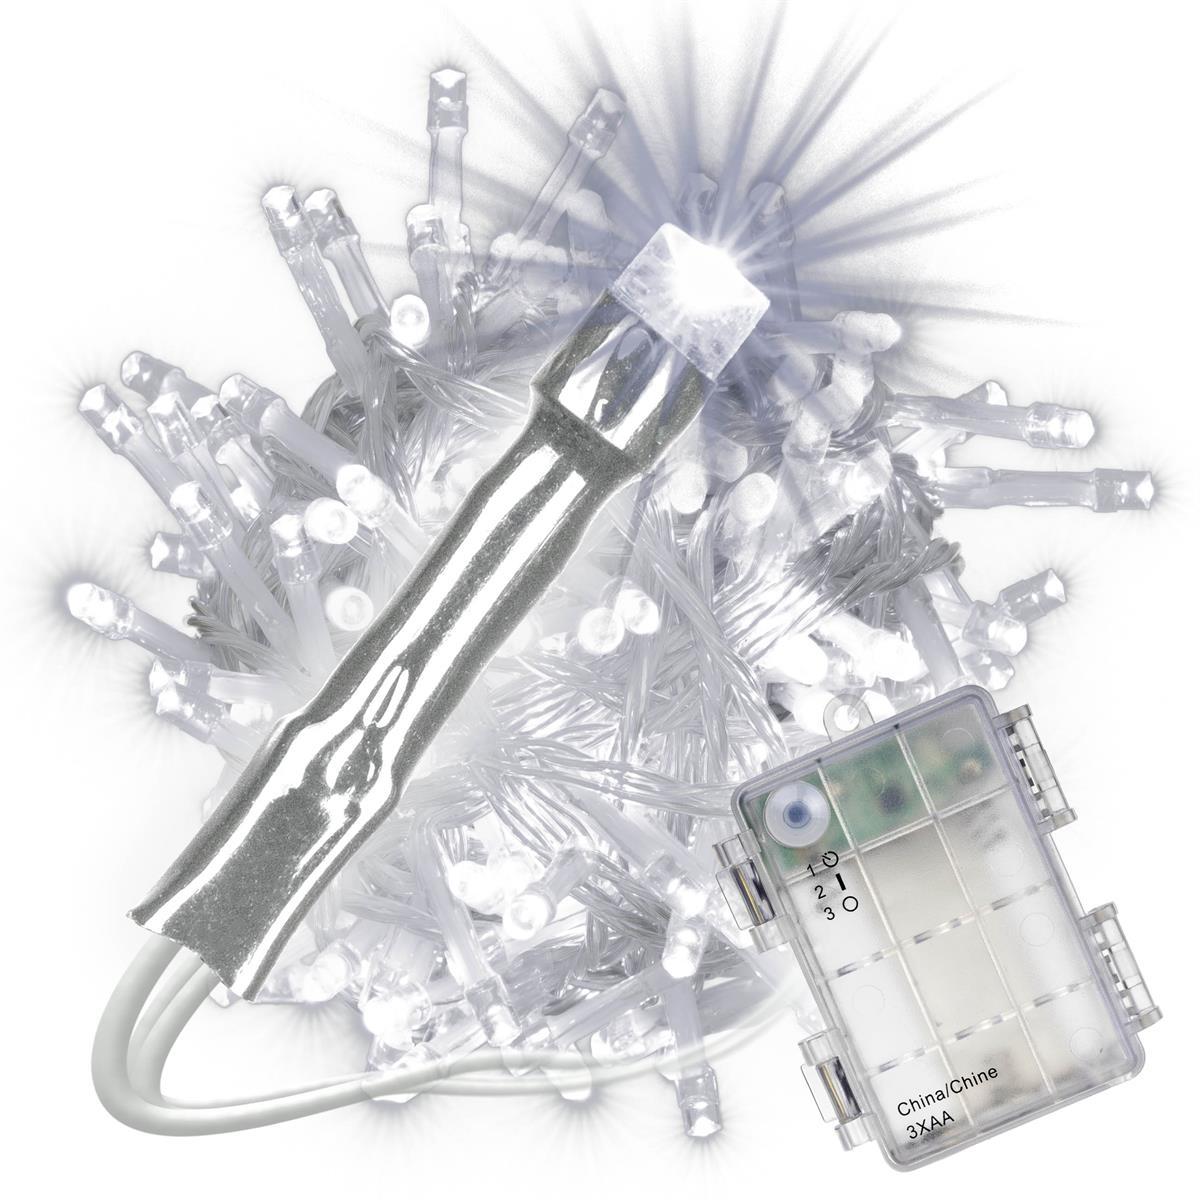 100 LED Lichterkette mit Timer weiß Batterie Kabel transparent Weihnachten Xmas